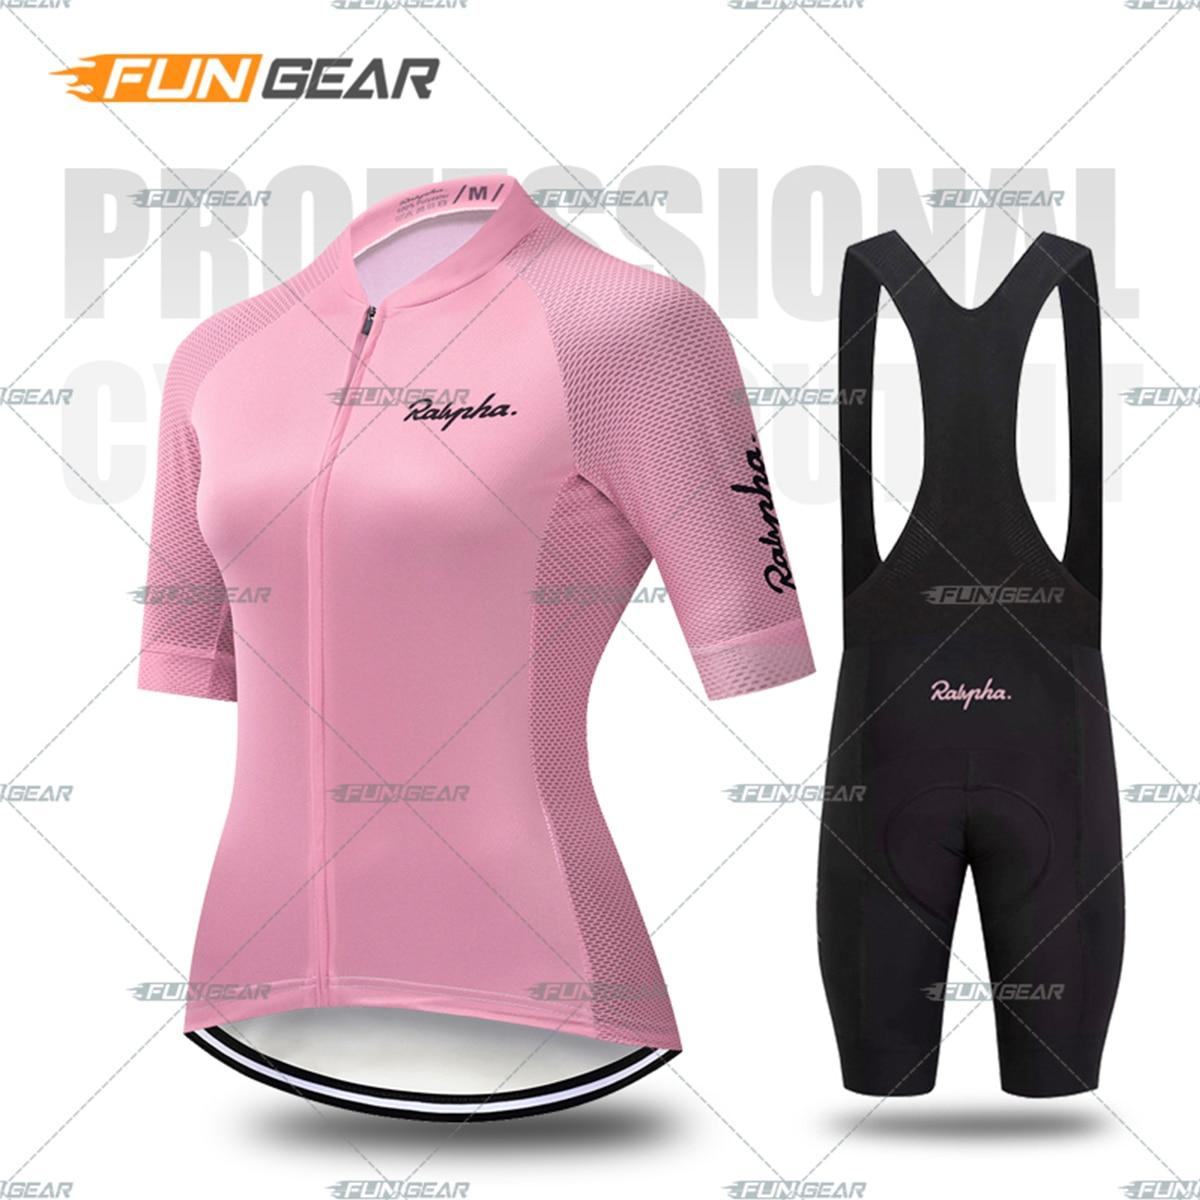 Kobiety odzież rowerowa koszulka na rower zestaw kobiet MTB Ropa Ciclismo dziewczyna cykl odzież na co dzień szosowe Bib krótkie spodnie Pad 7 kolorów